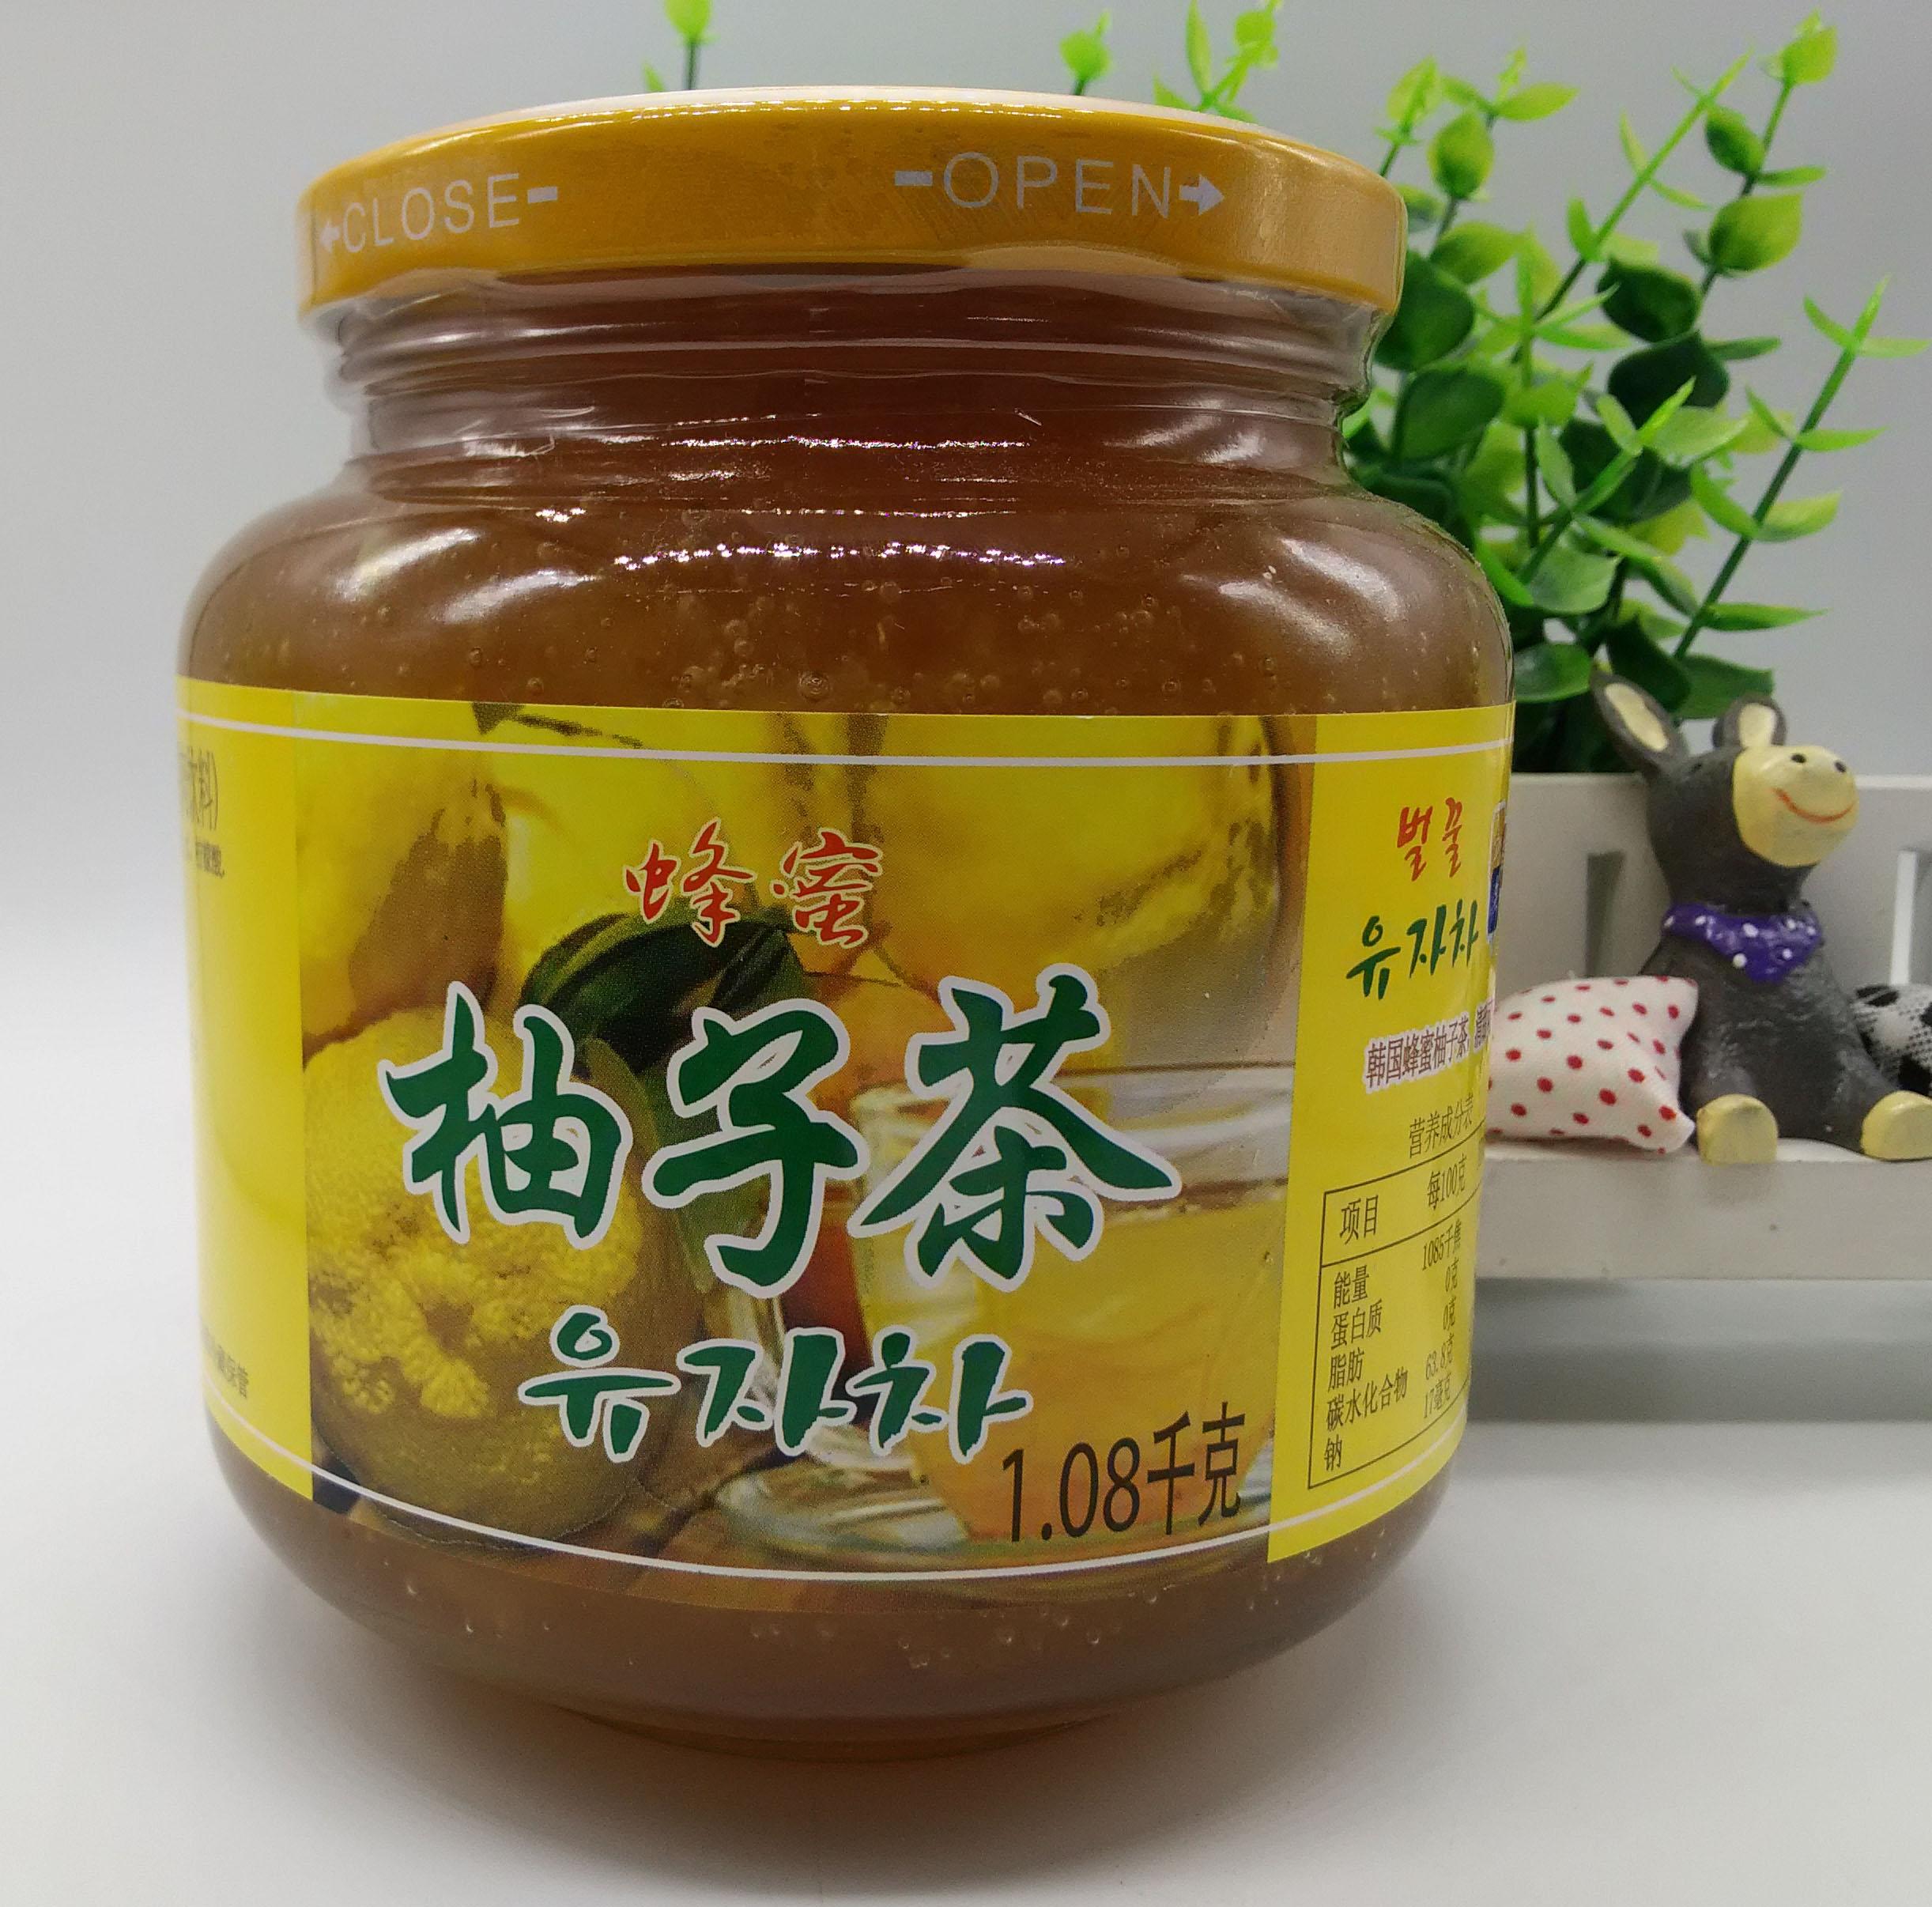 廉庆蜂蜜柚子茶韩国进口 韩国蜂蜜柚子茶1.08KG  包邮